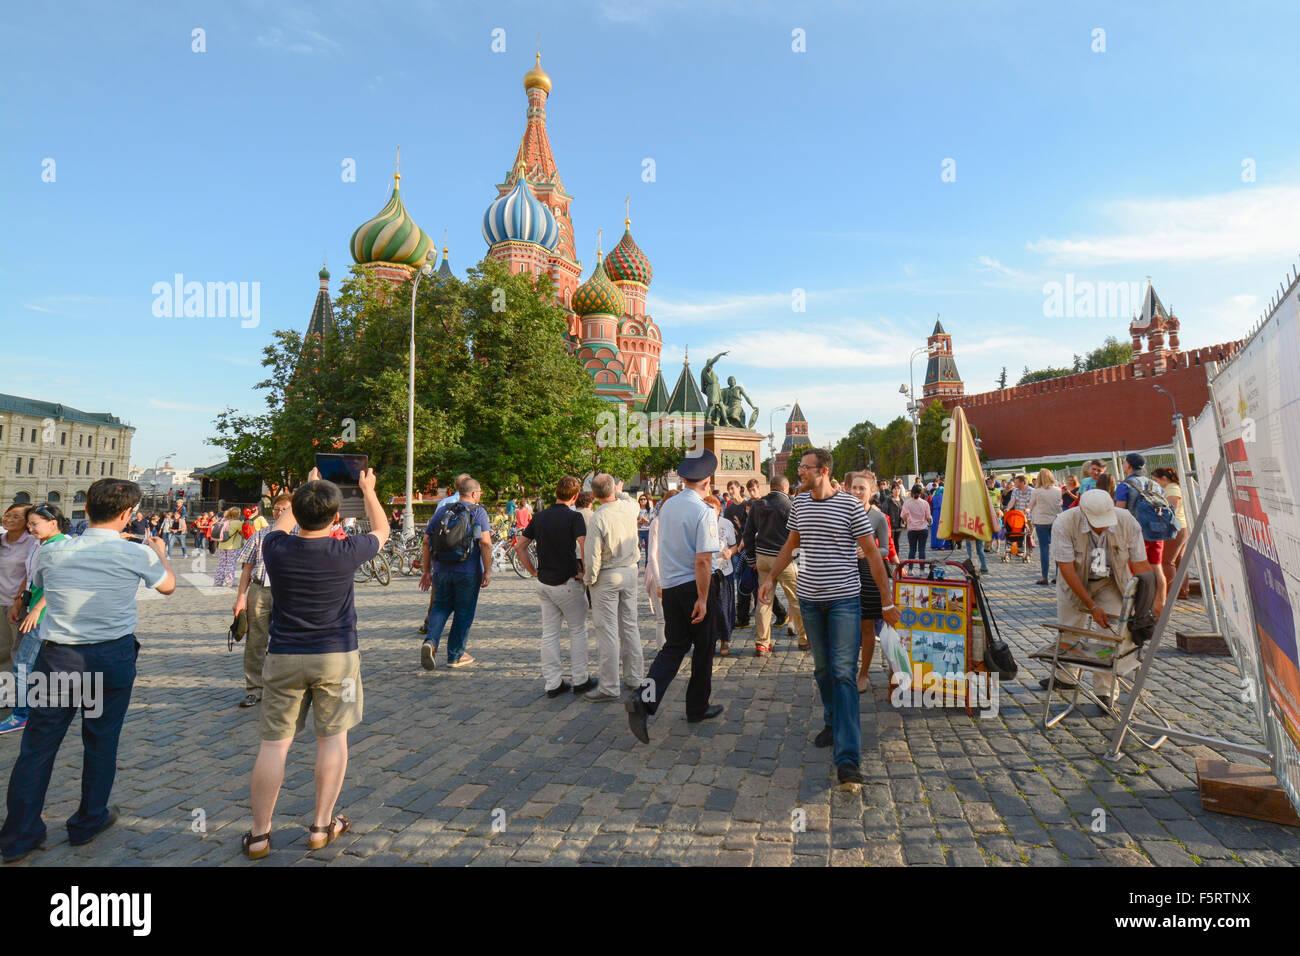 Touristen vor der Basilius Kathedrale, Roter Platz, Moskau, Russland Stockbild